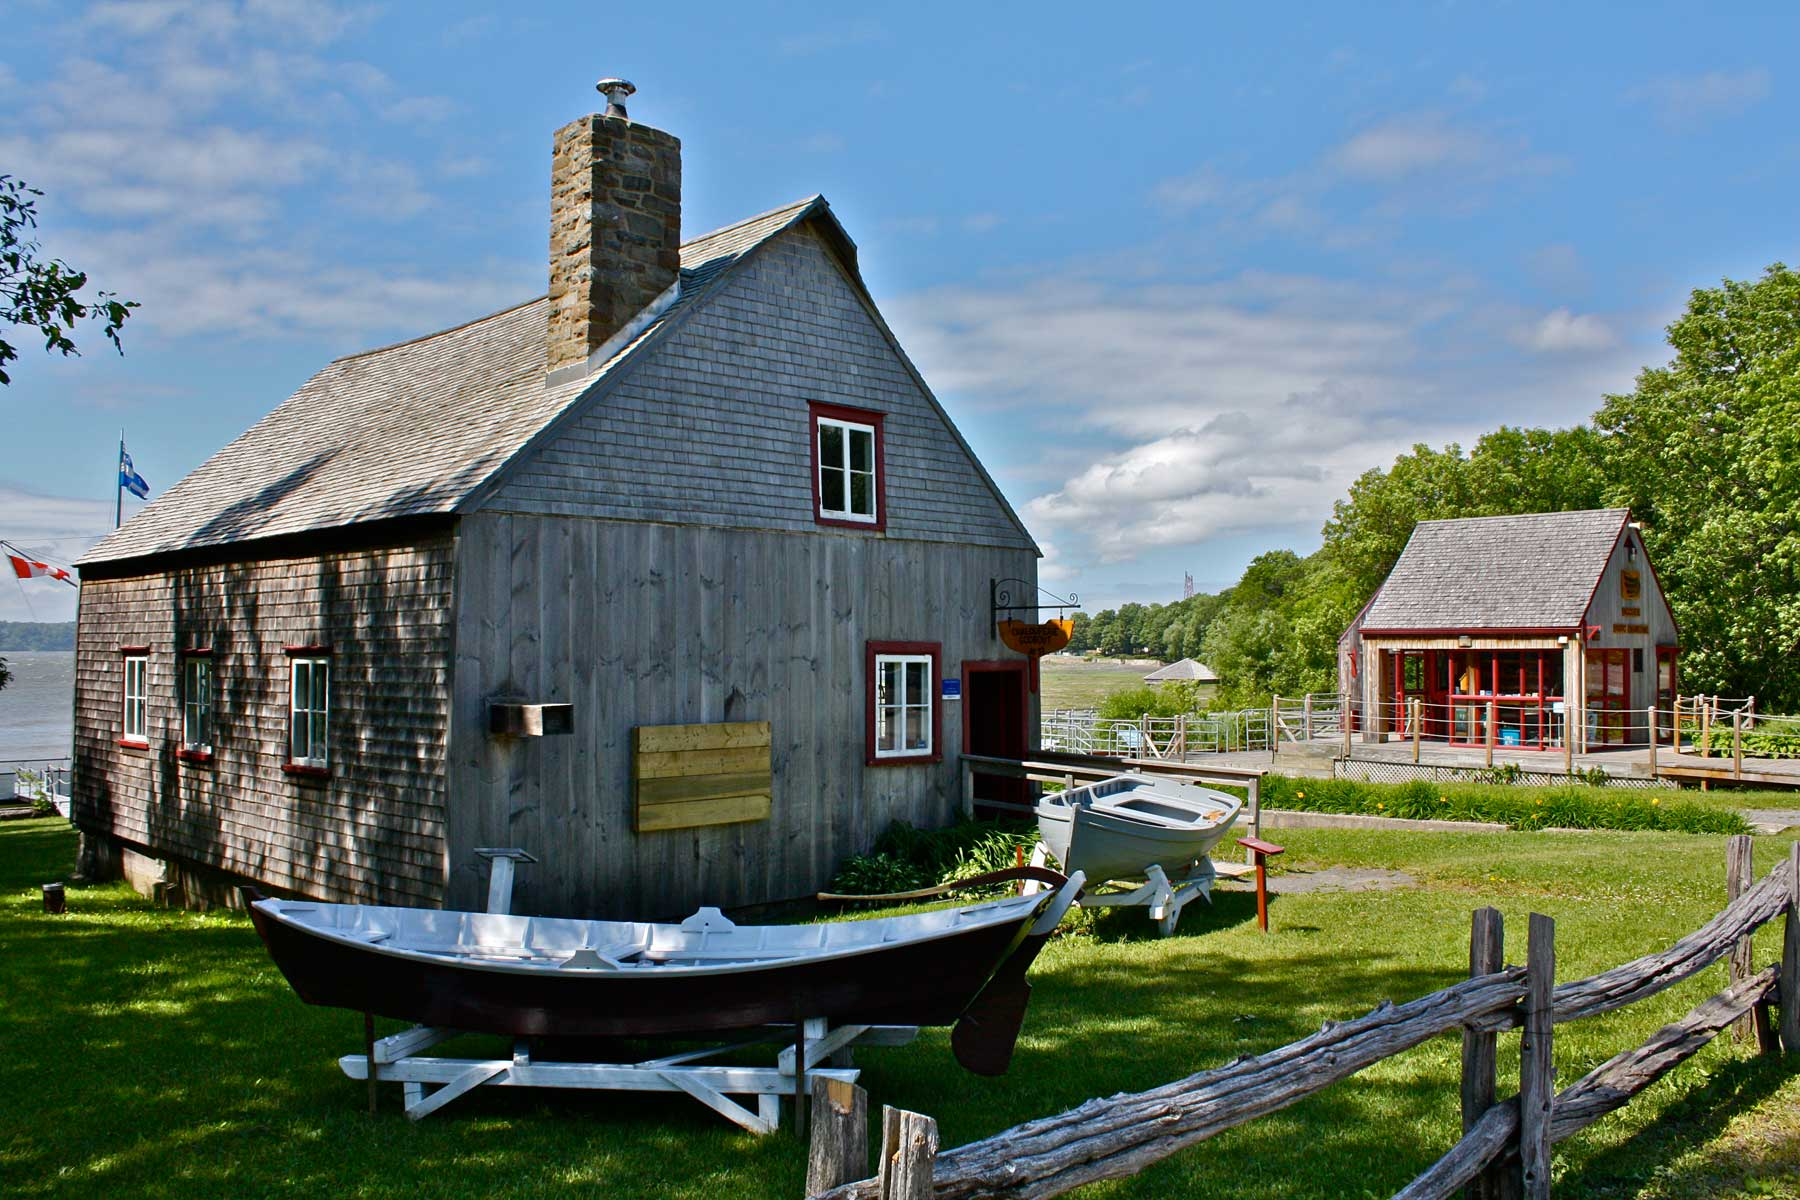 Parc maritime - musée de fabrique de bateau